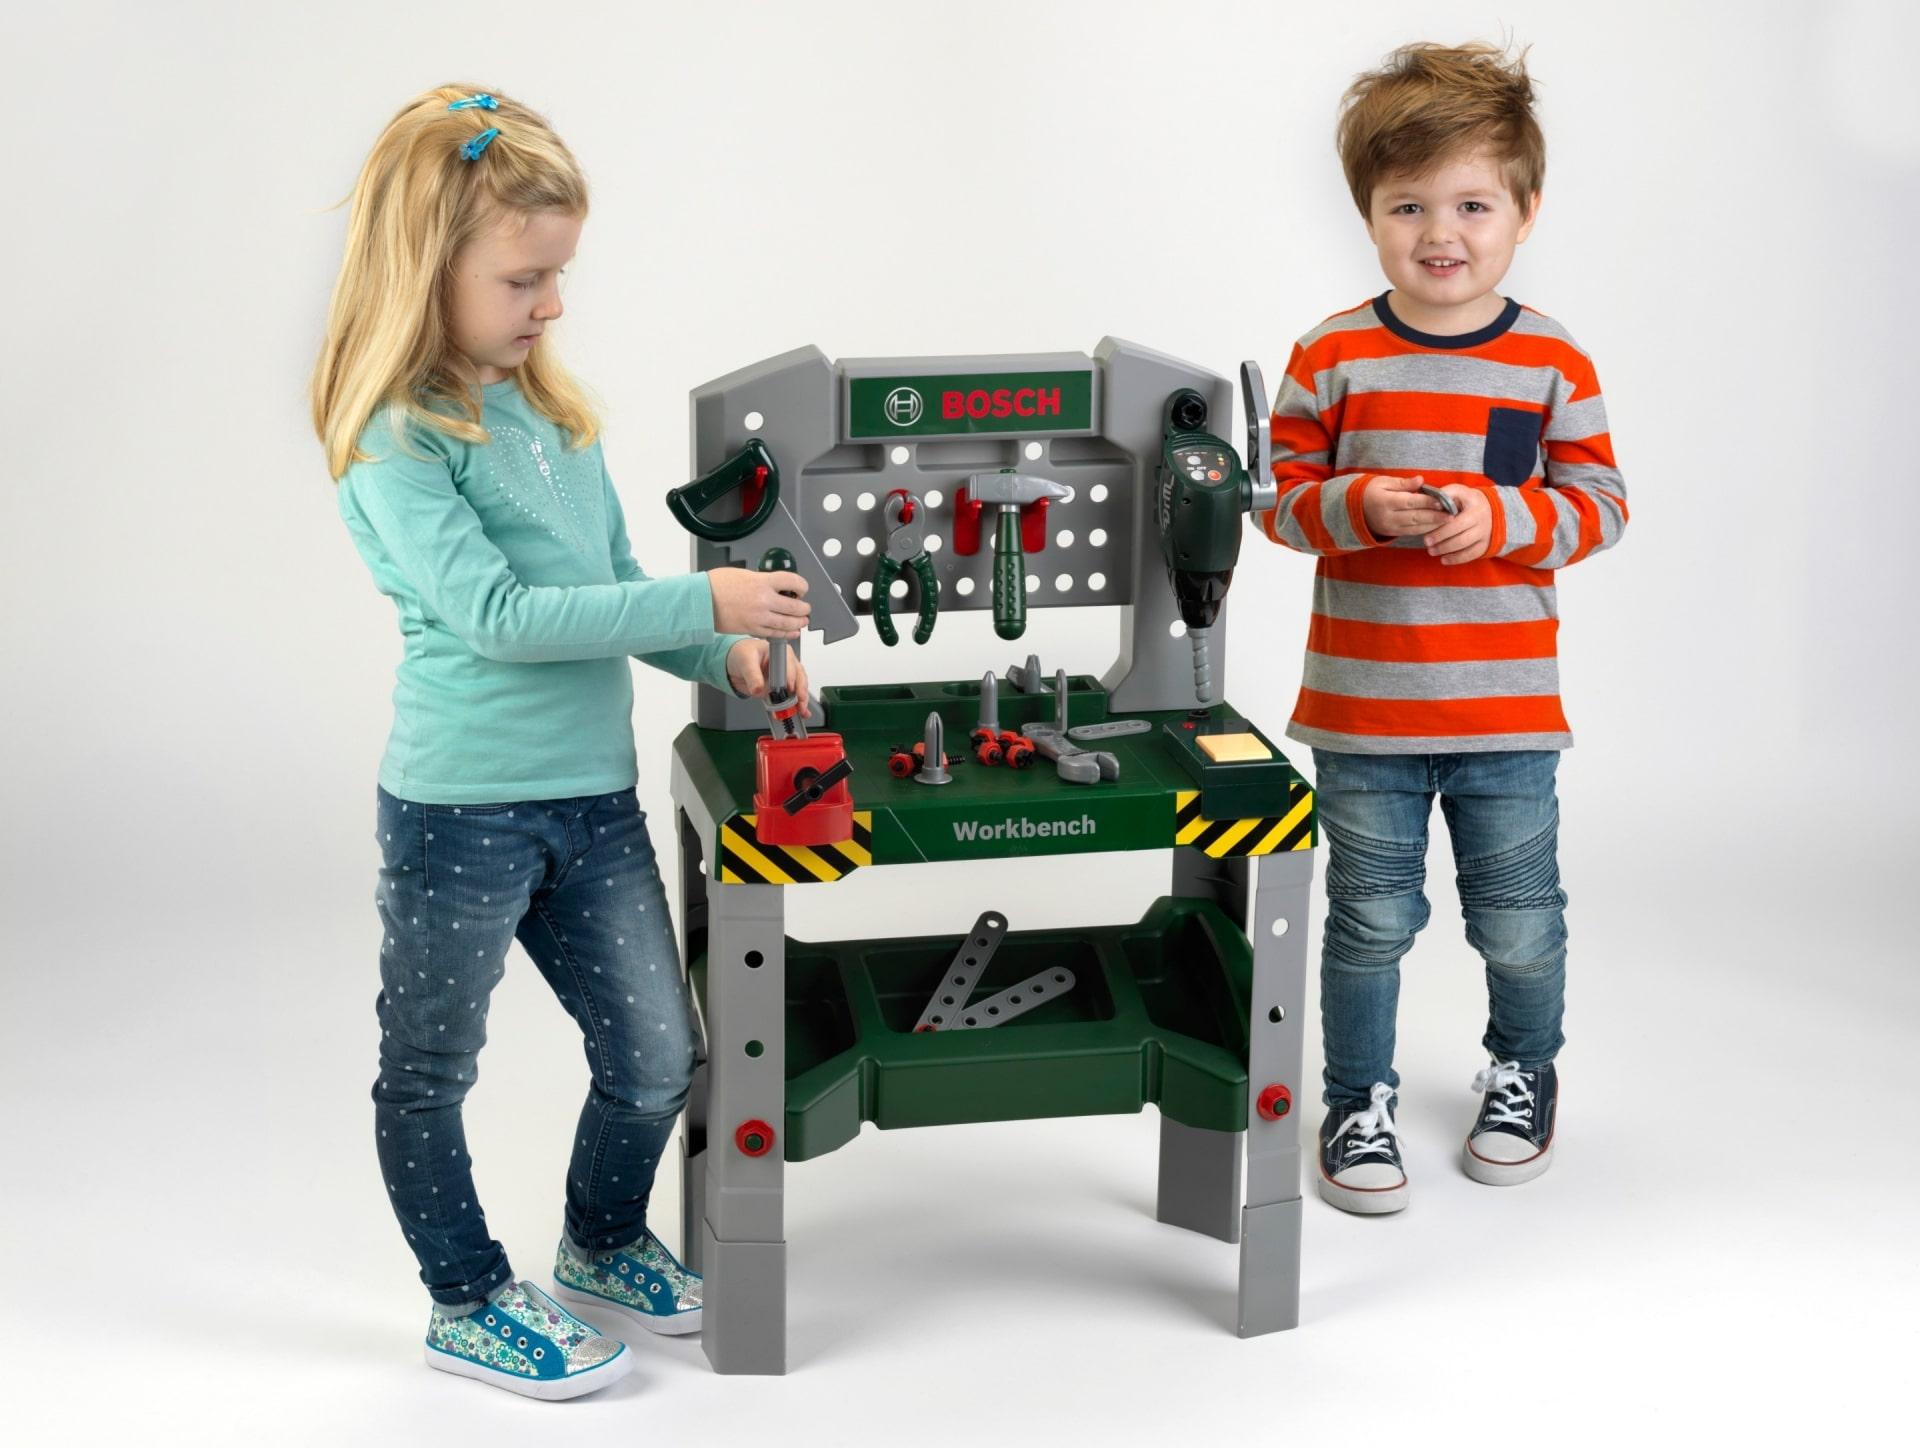 Warsztat dla dzieci Bosch z narzędziami